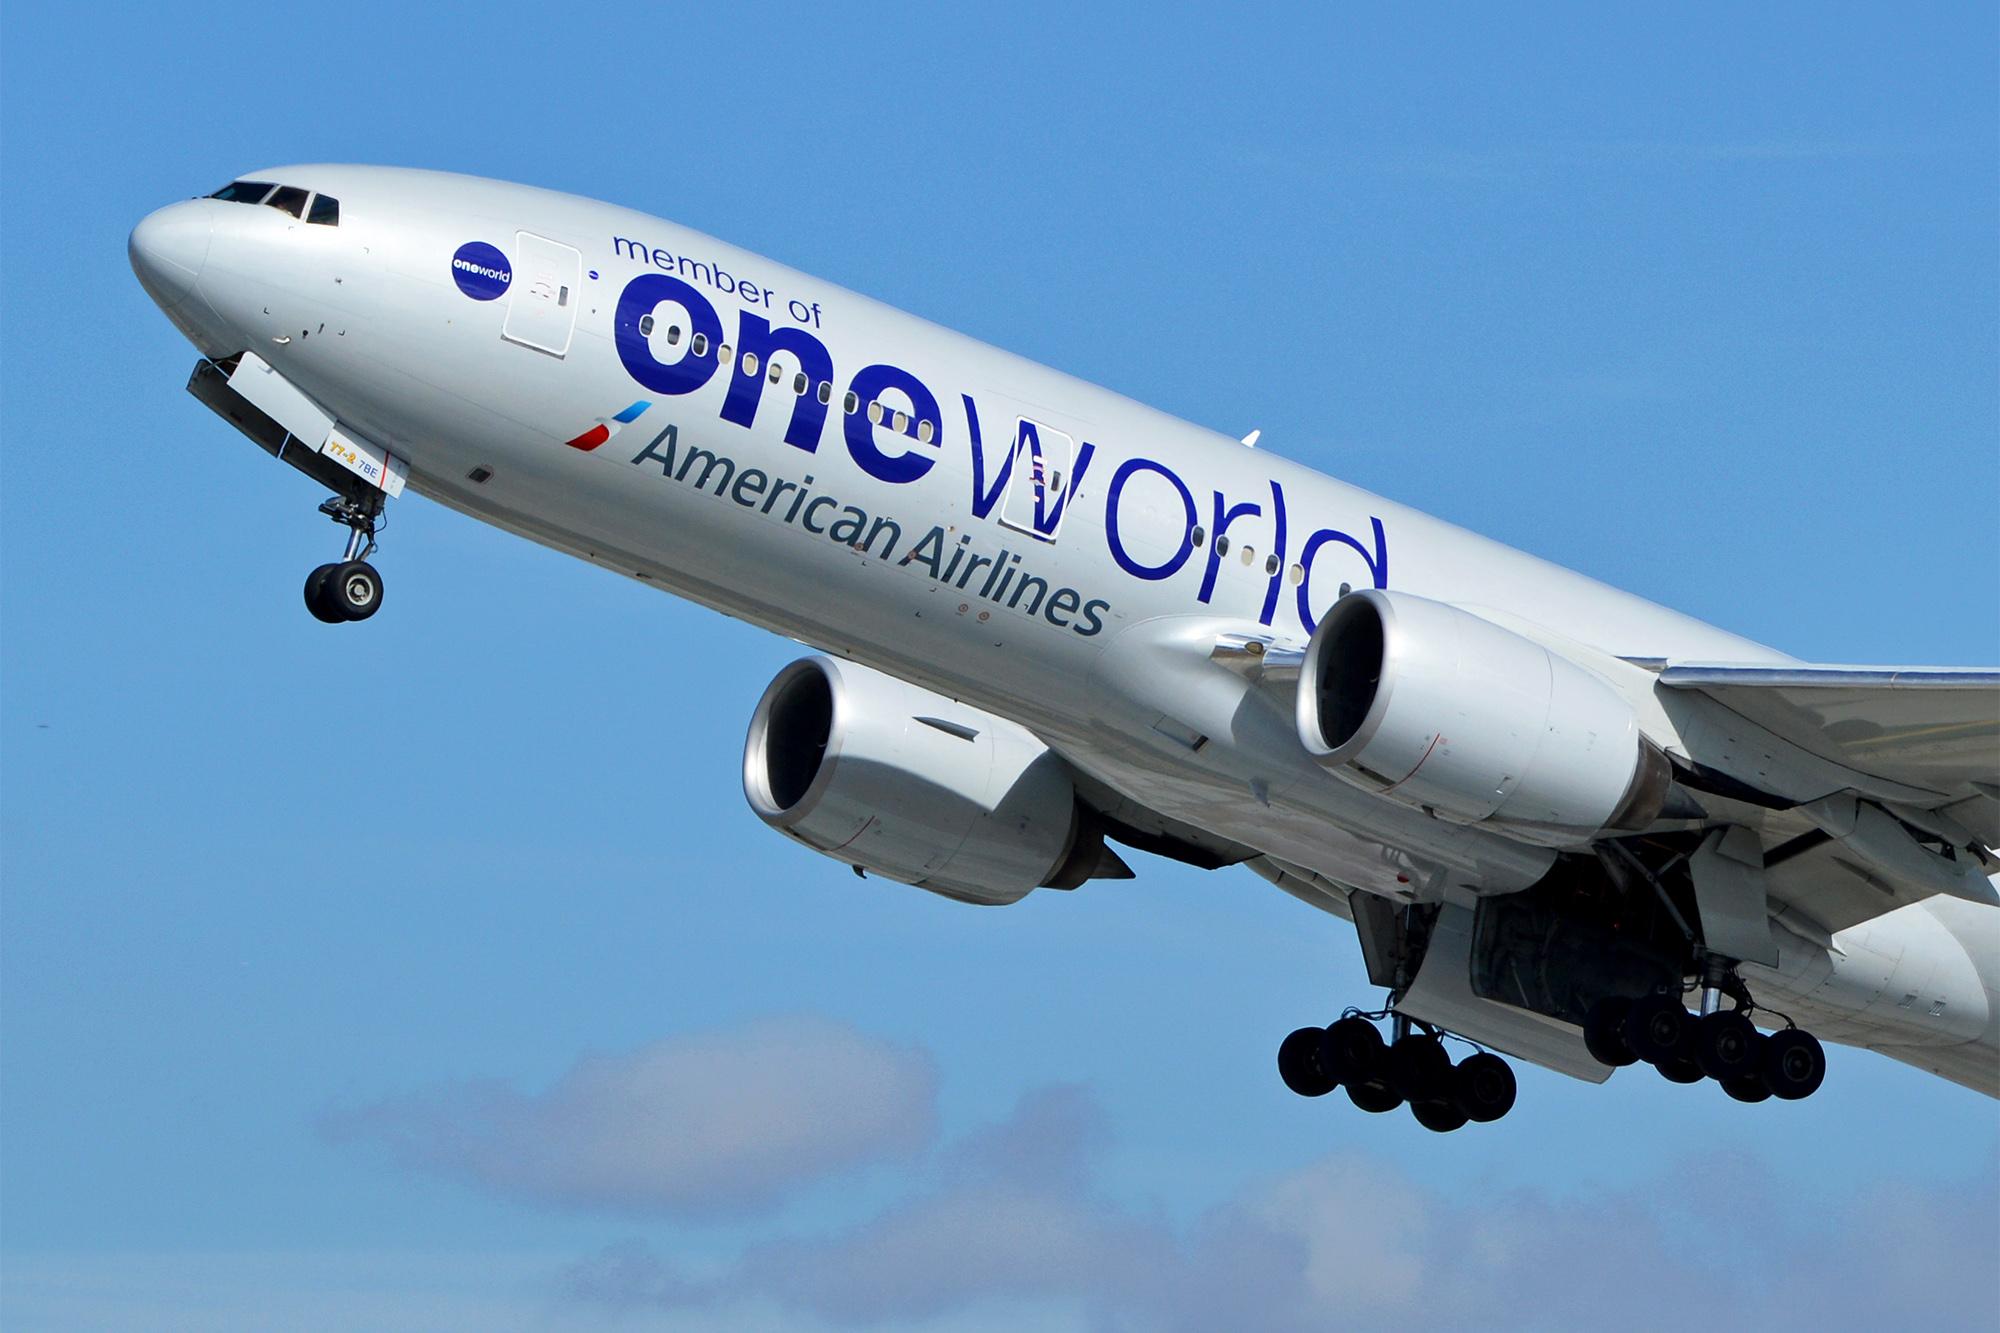 AA 777 Oneworld Nose (Alan Wilson)